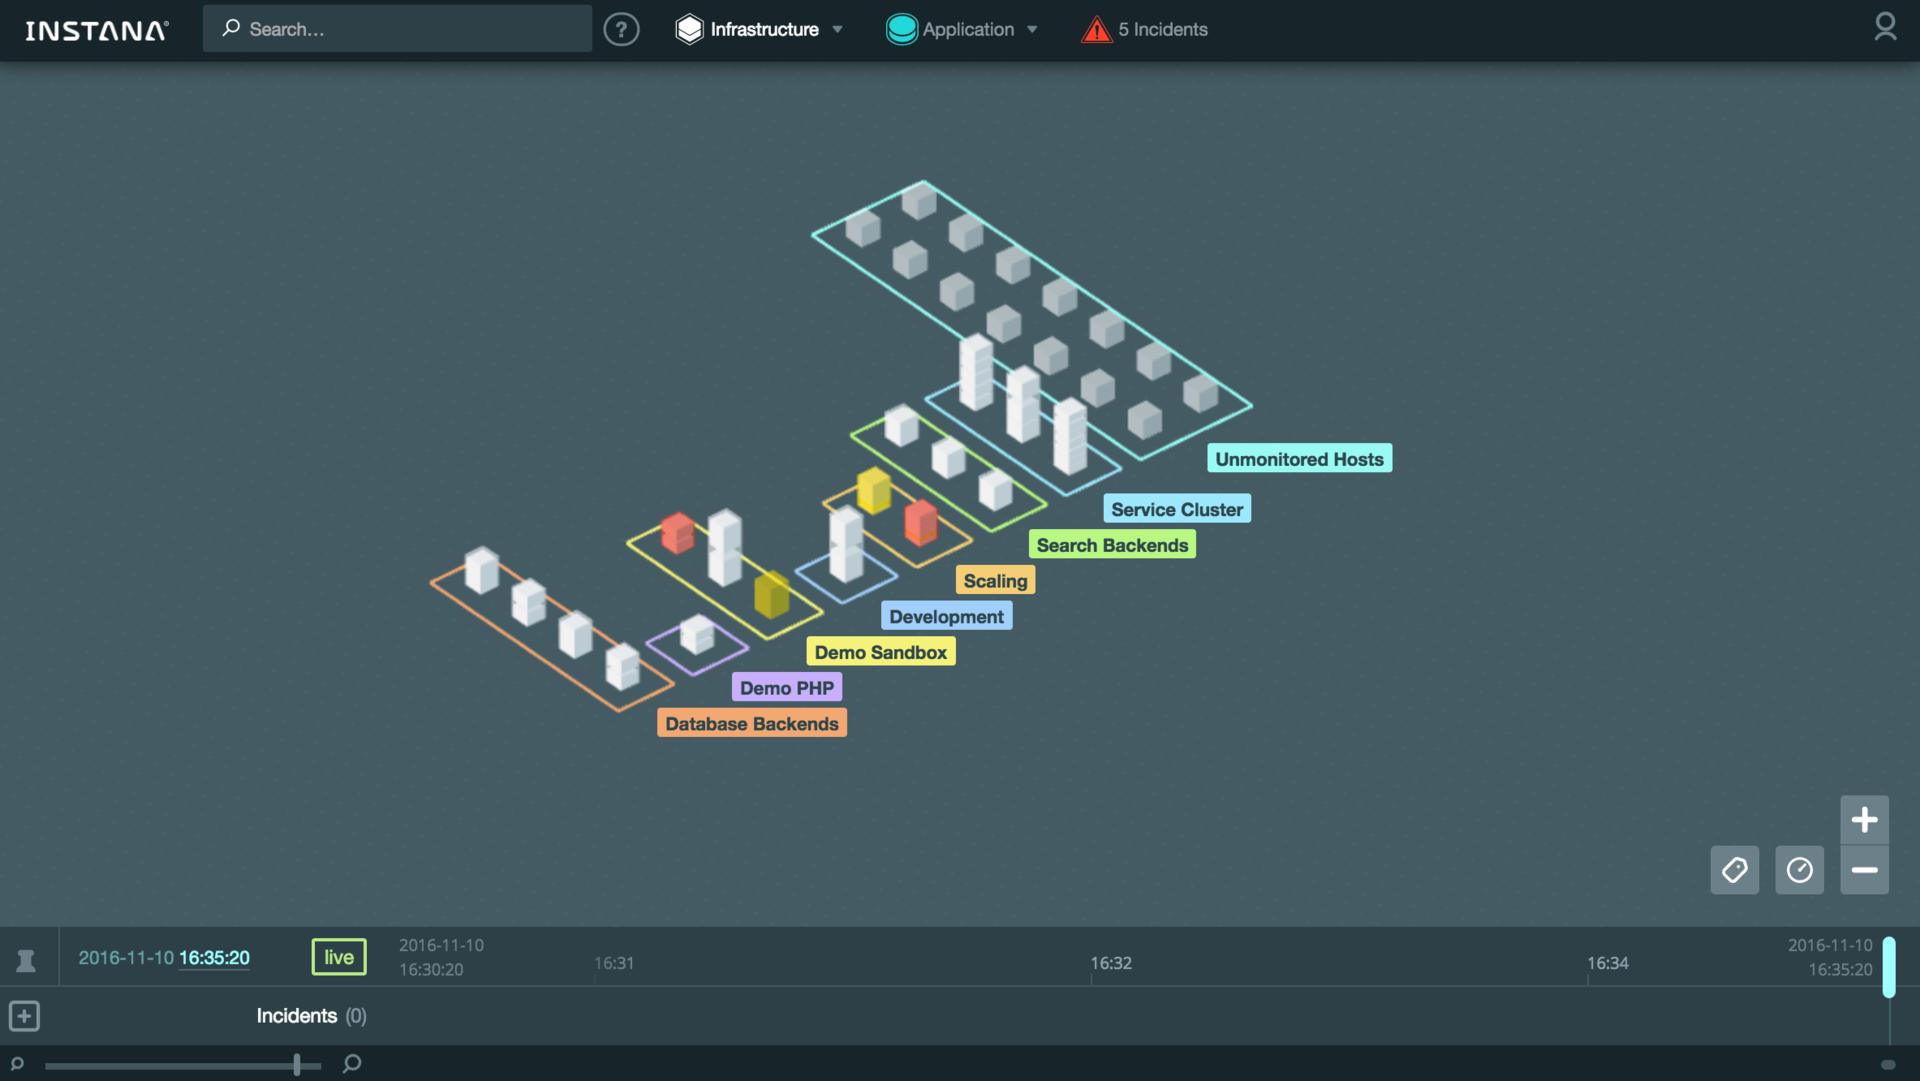 Обзор системы мониторинга приложений Instana - 5